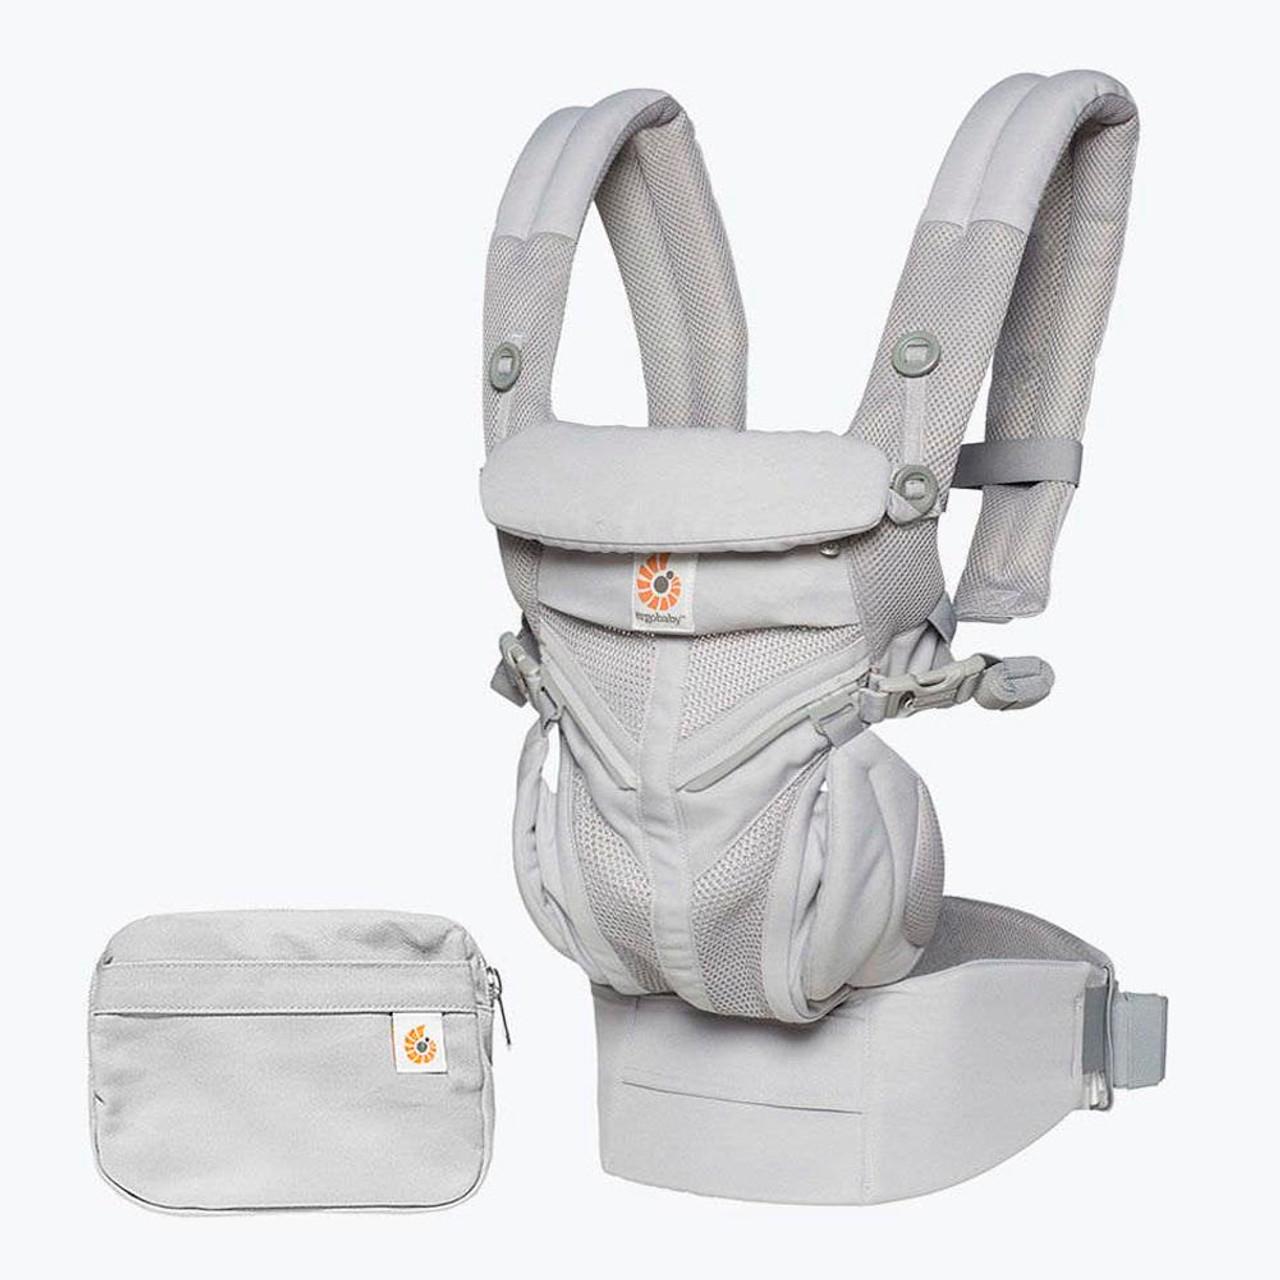 26b67c7a56b Ergobaby Omni 360 Cool Air Mesh Baby Carrier - Pearl Grey - Dear-Born Baby